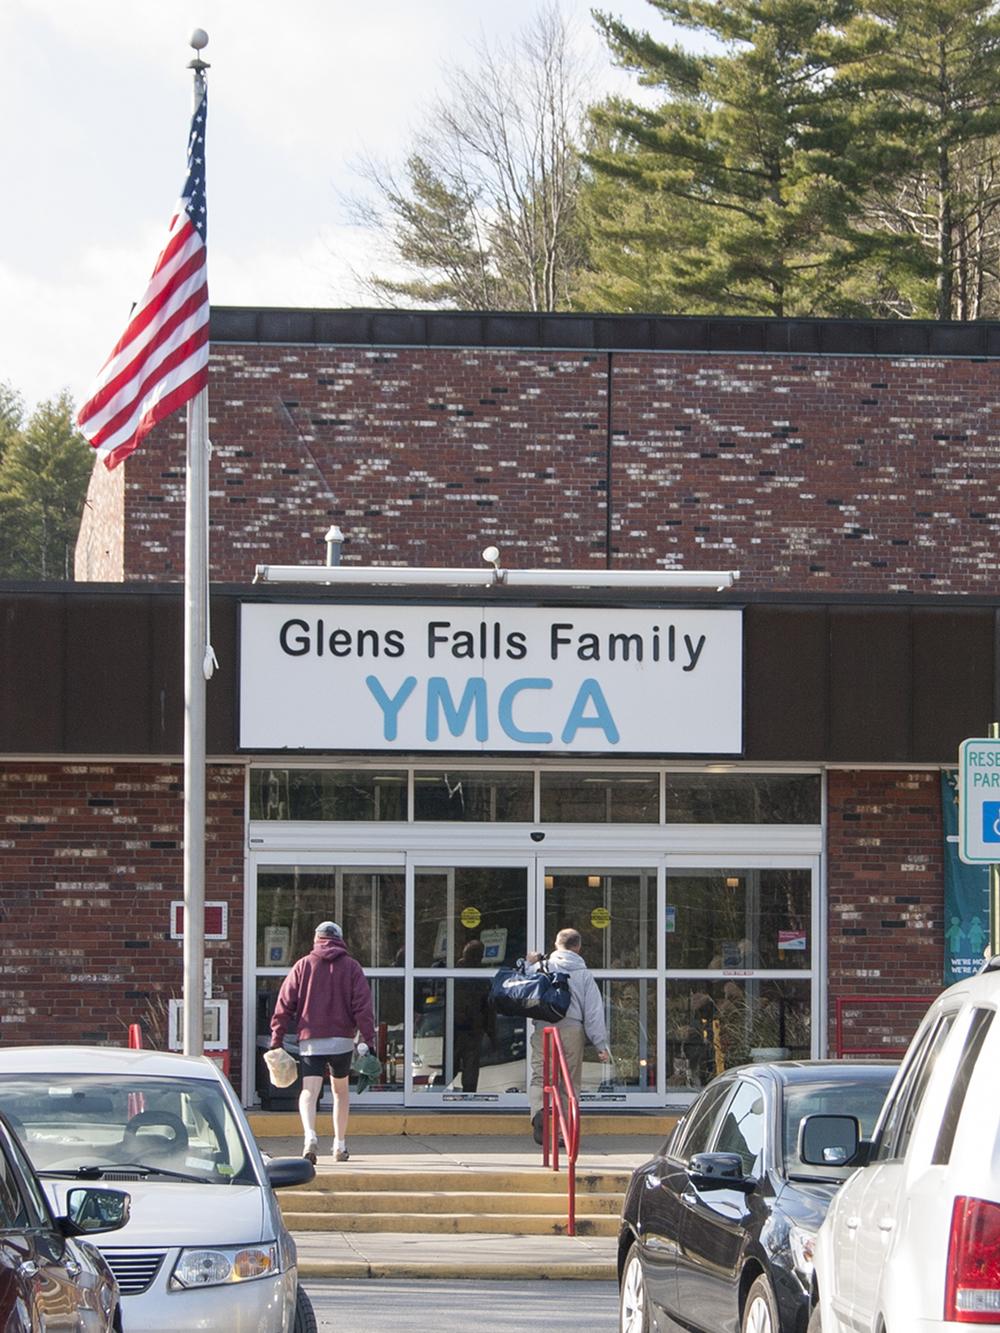 Glens Falls YMCA